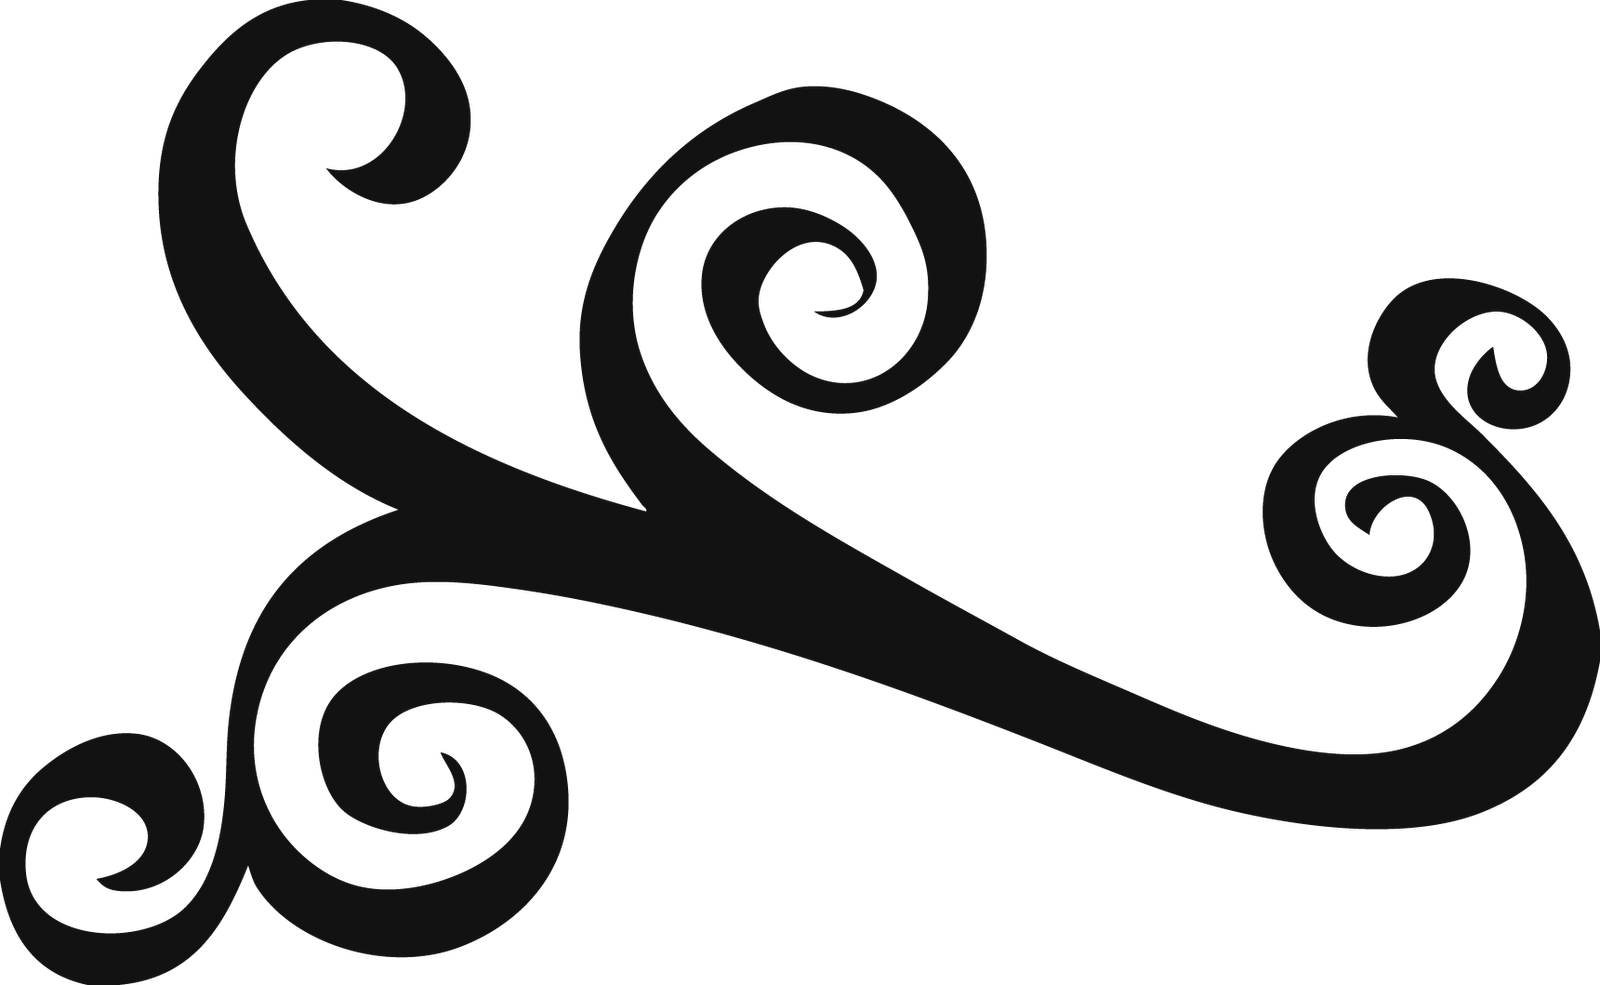 Black Swirls Clipart | Clipart Panda - F-Black Swirls Clipart | Clipart Panda - Free Clipart Images-1